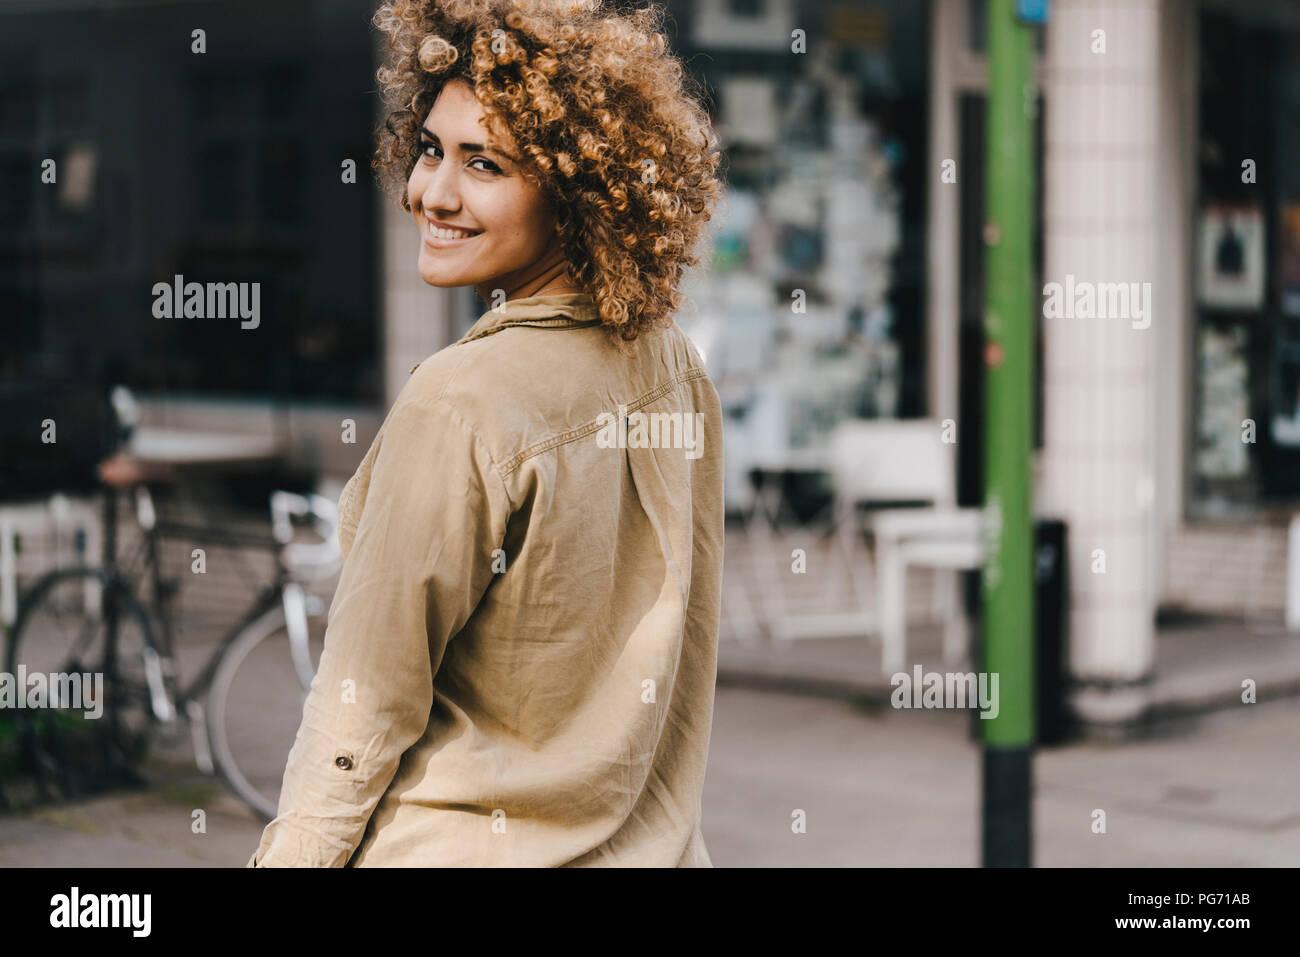 Frau in der Stadt, zu Fuß, lächelnd Stockbild